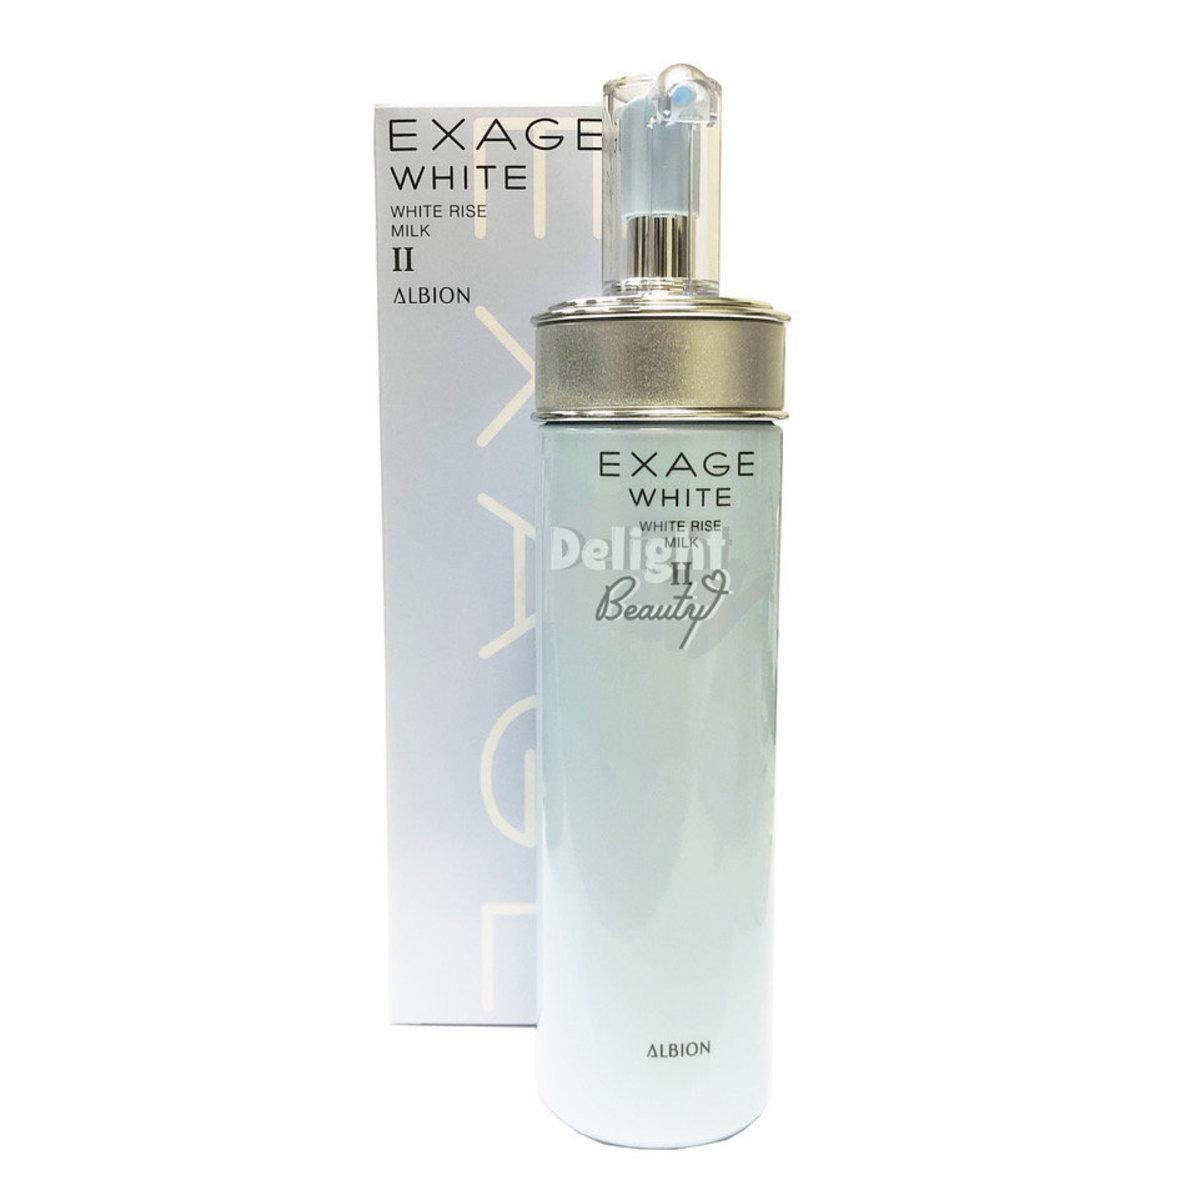 Exage White White Rise Milk II 200g